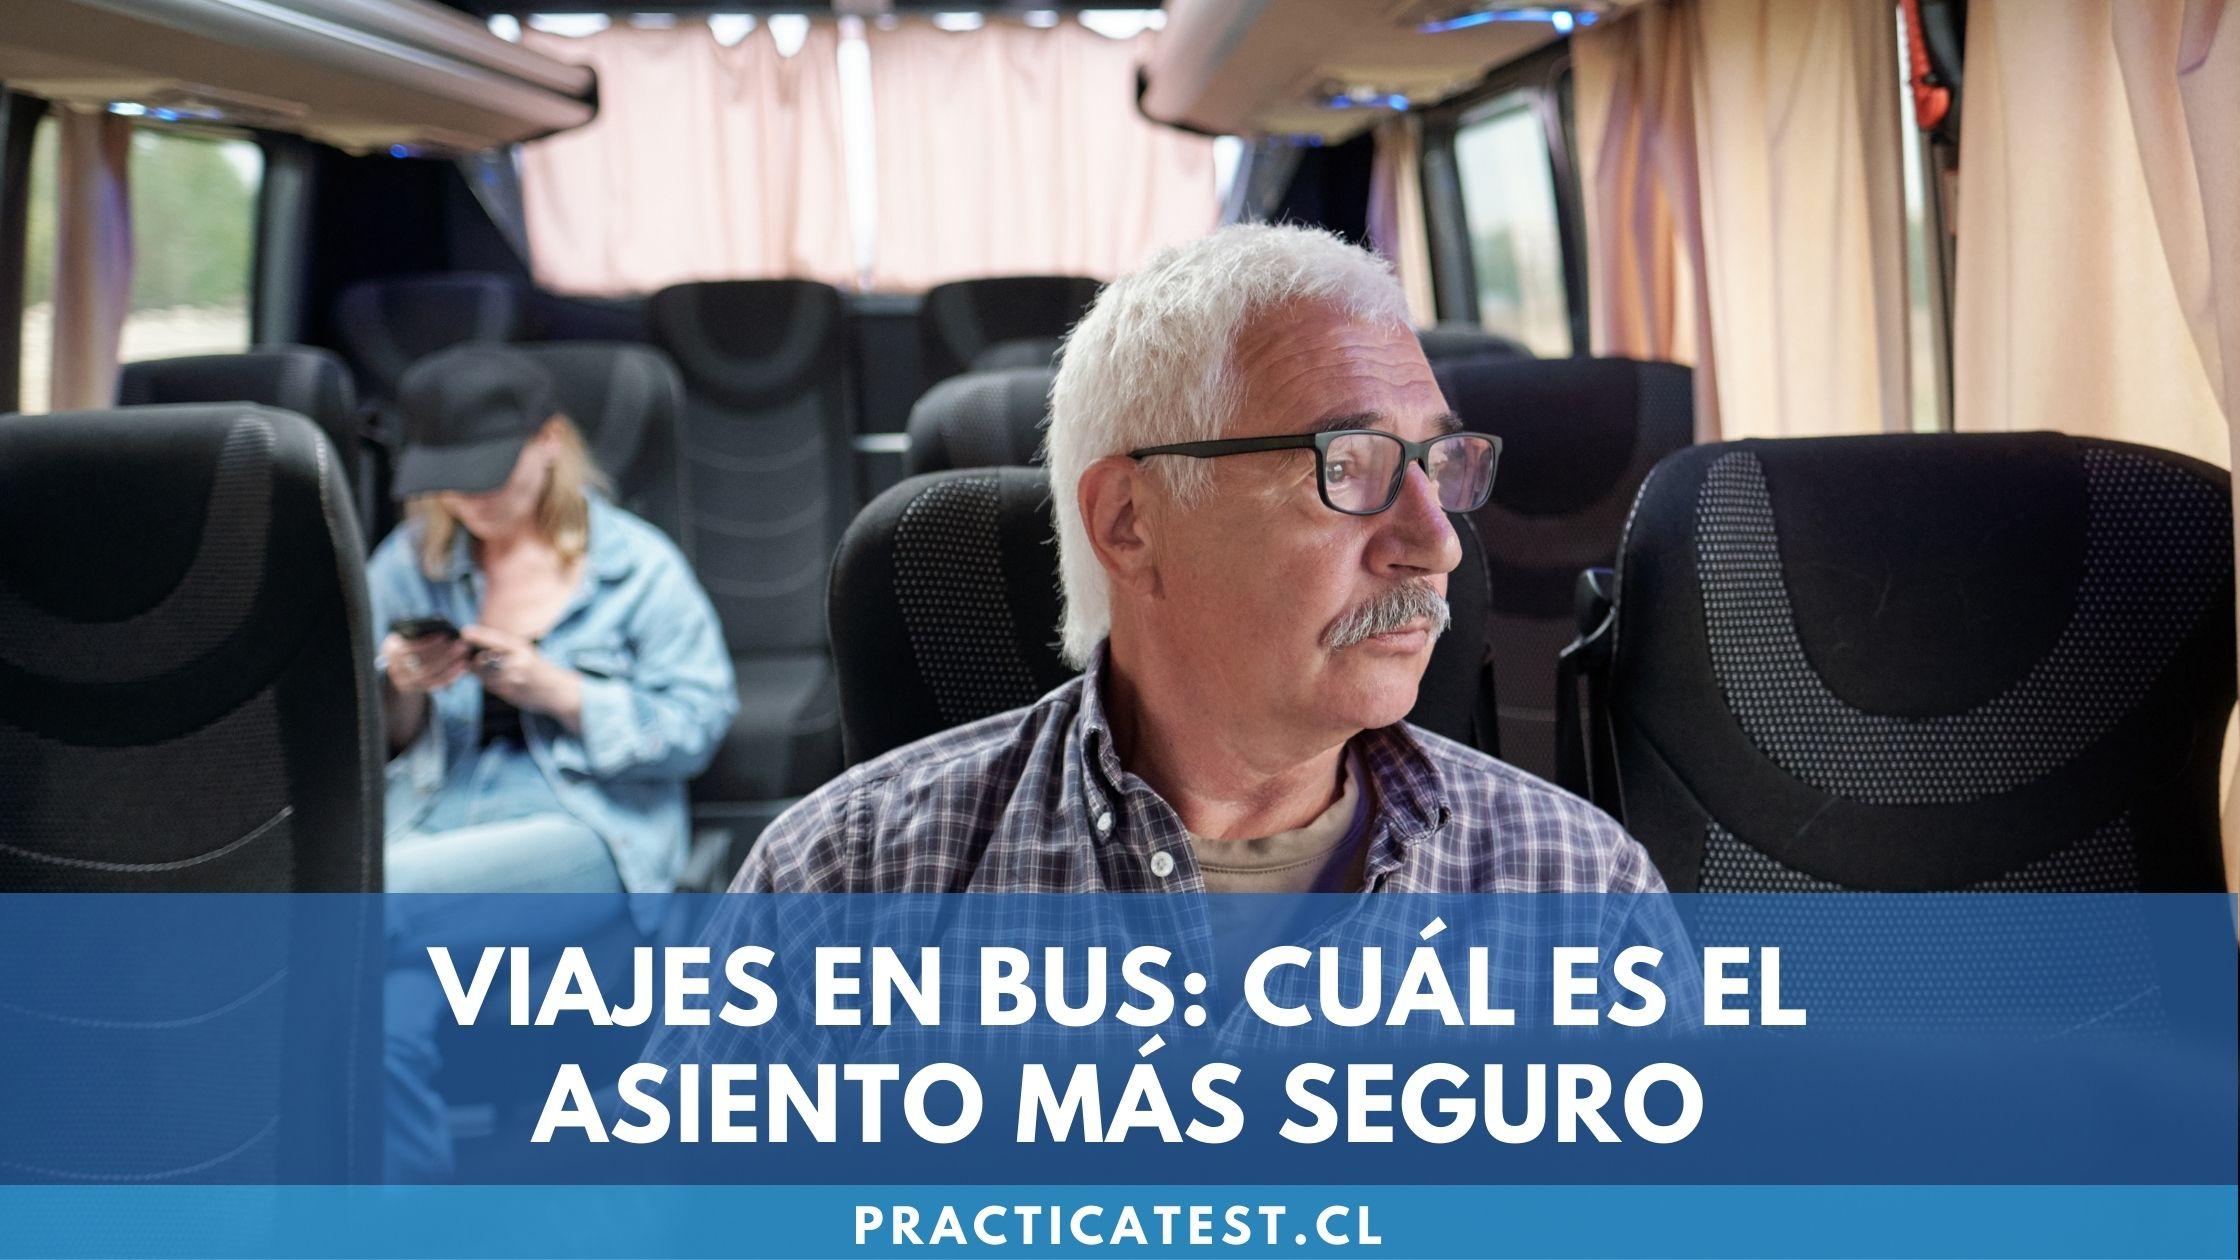 Cómo aumentar la seguridad en tus viajes en bus escogiendo los asientos seguros